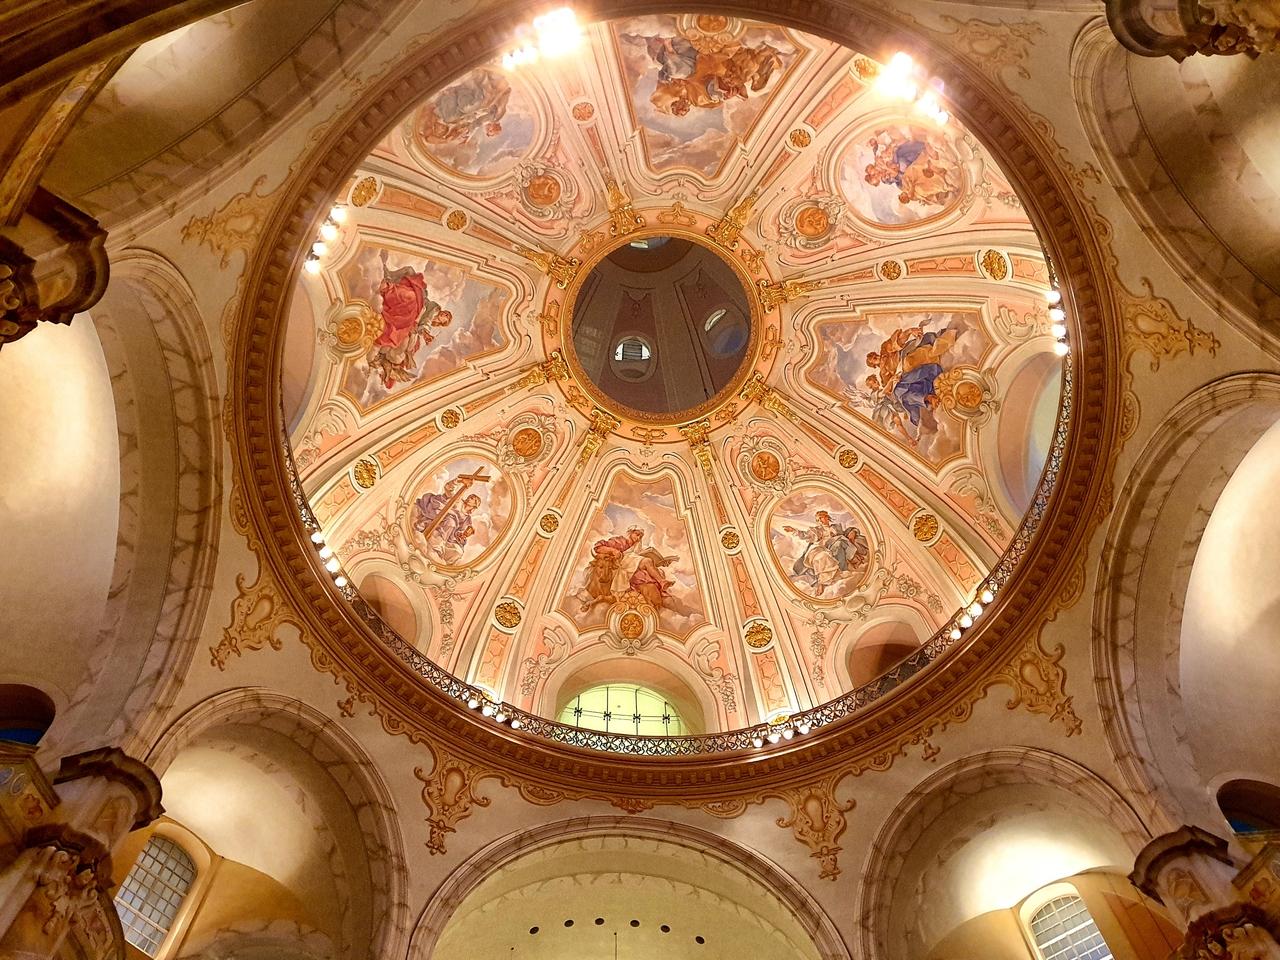 Kościół Marii Panny, Drezno. Niesamowite freski  zdobiące sklepienie odrestaurowanego kościoła .